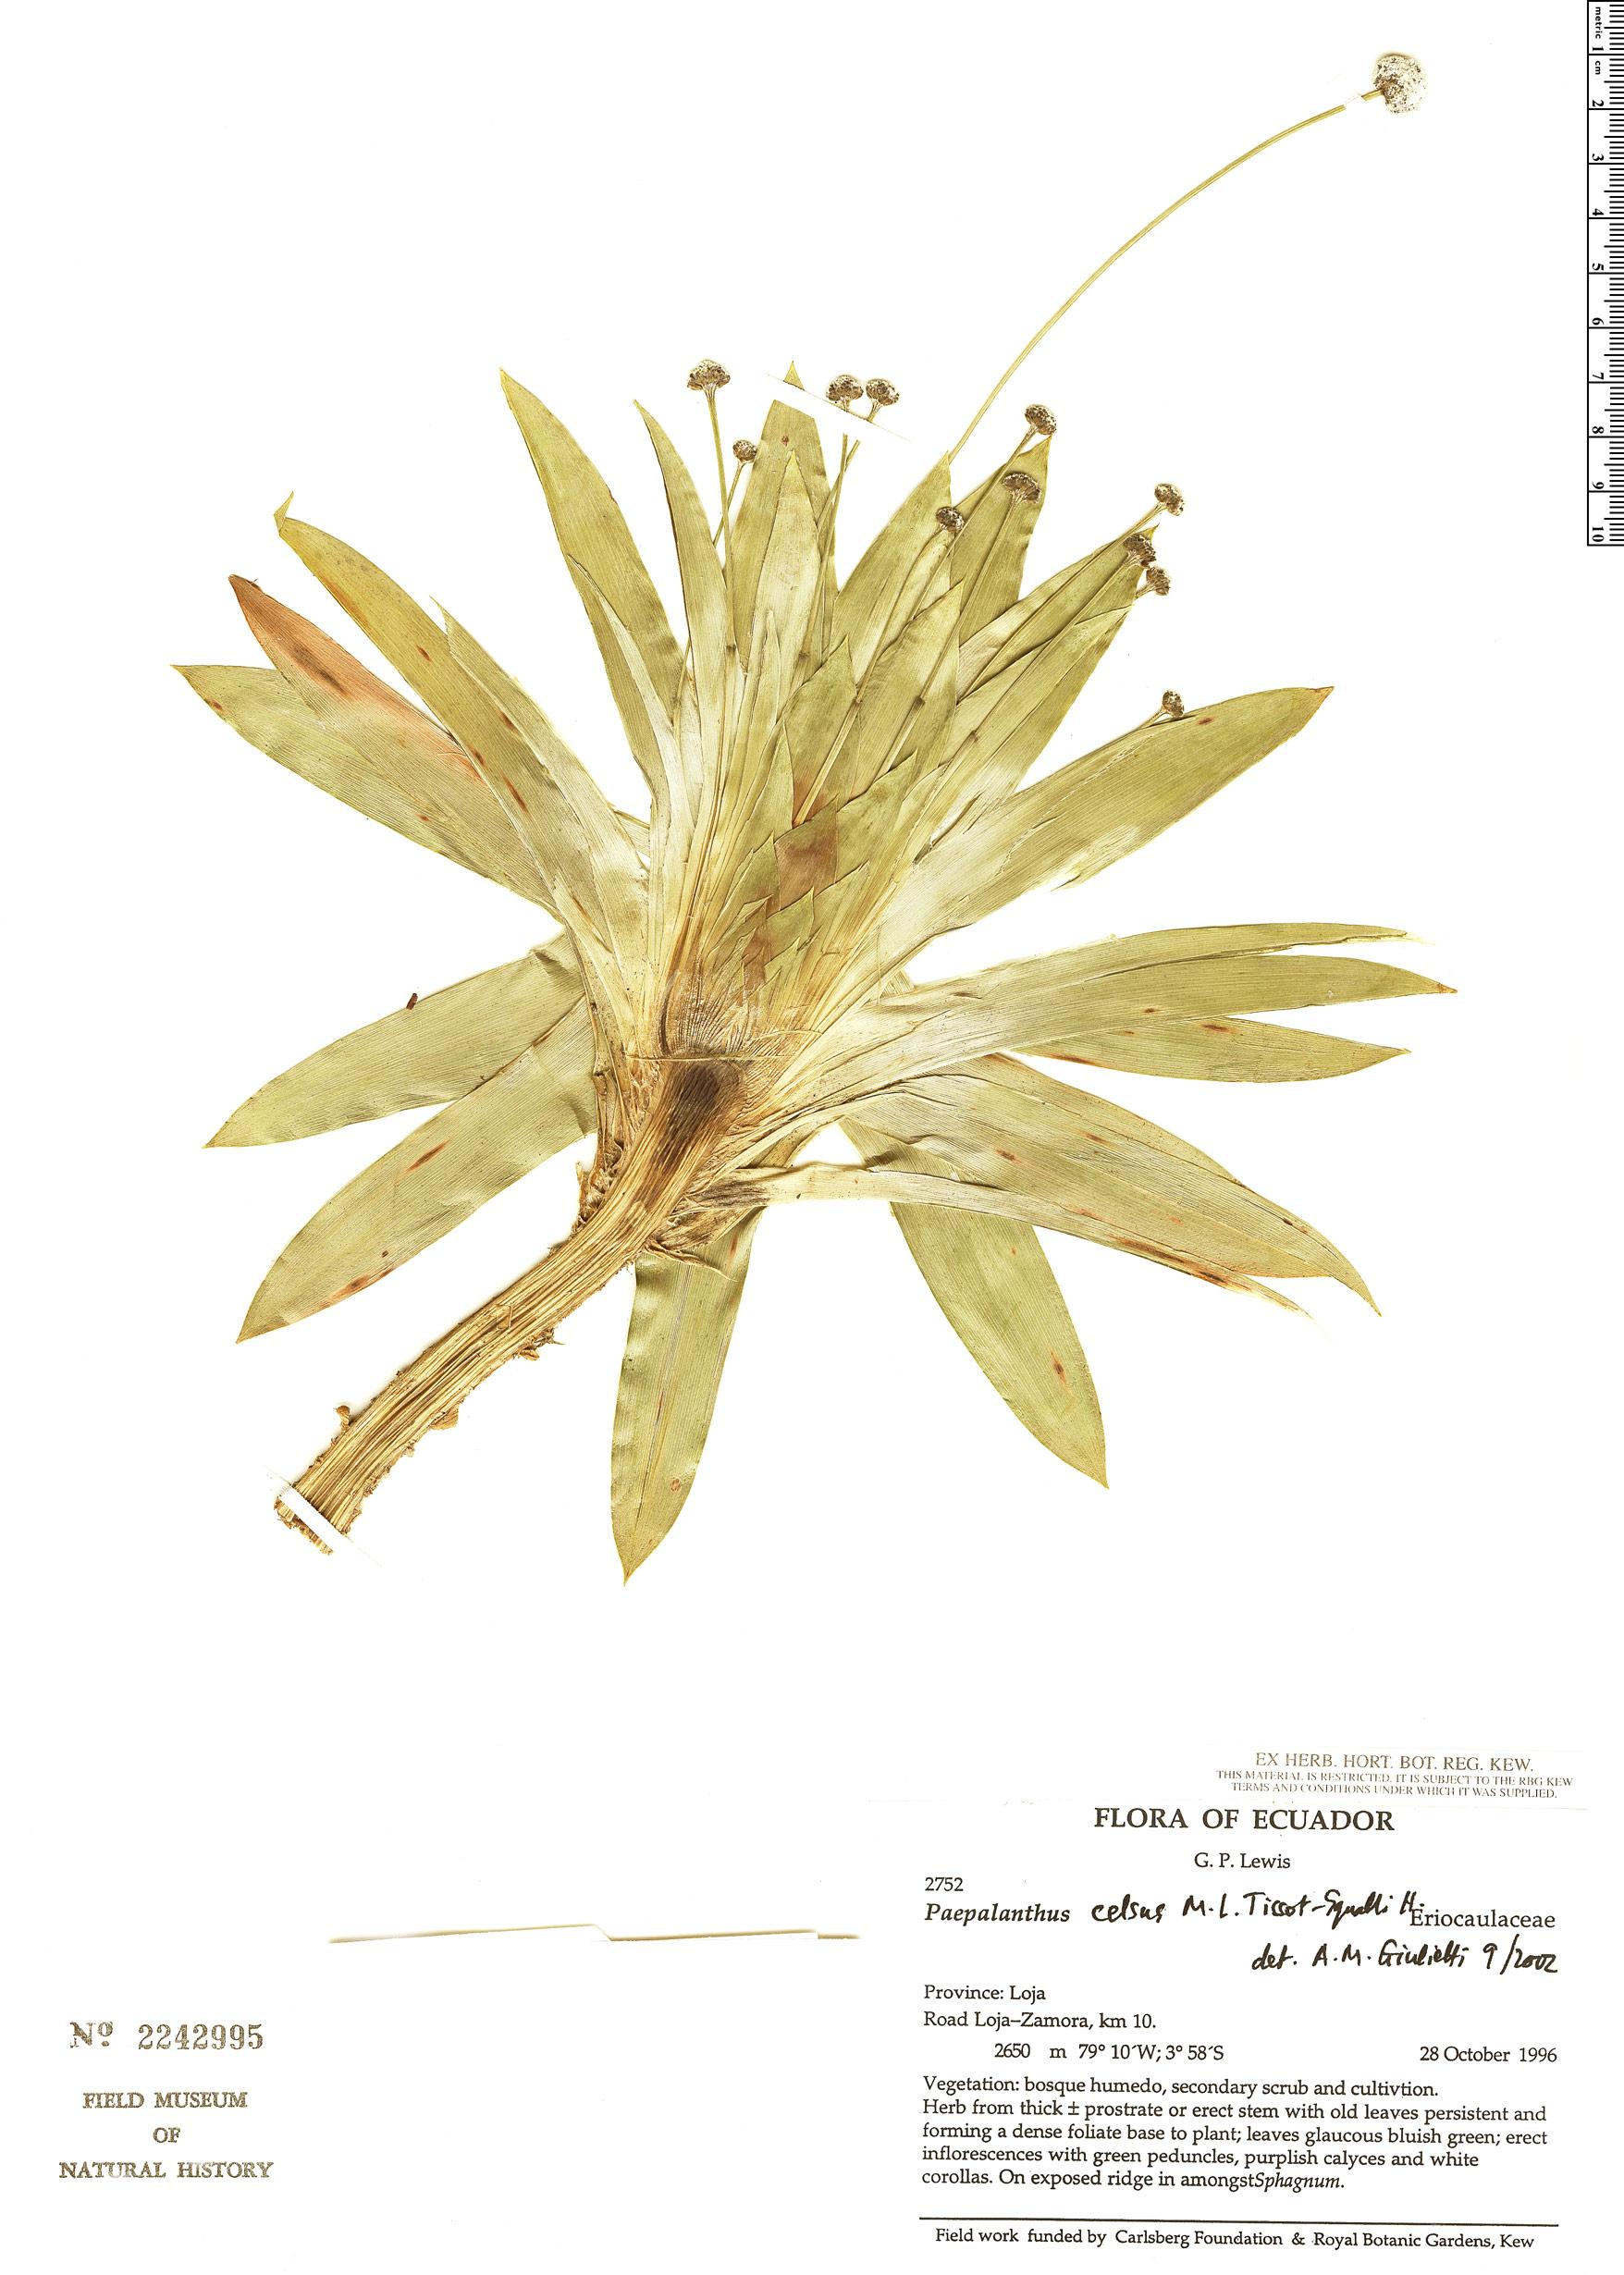 Specimen: Paepalanthus celsus